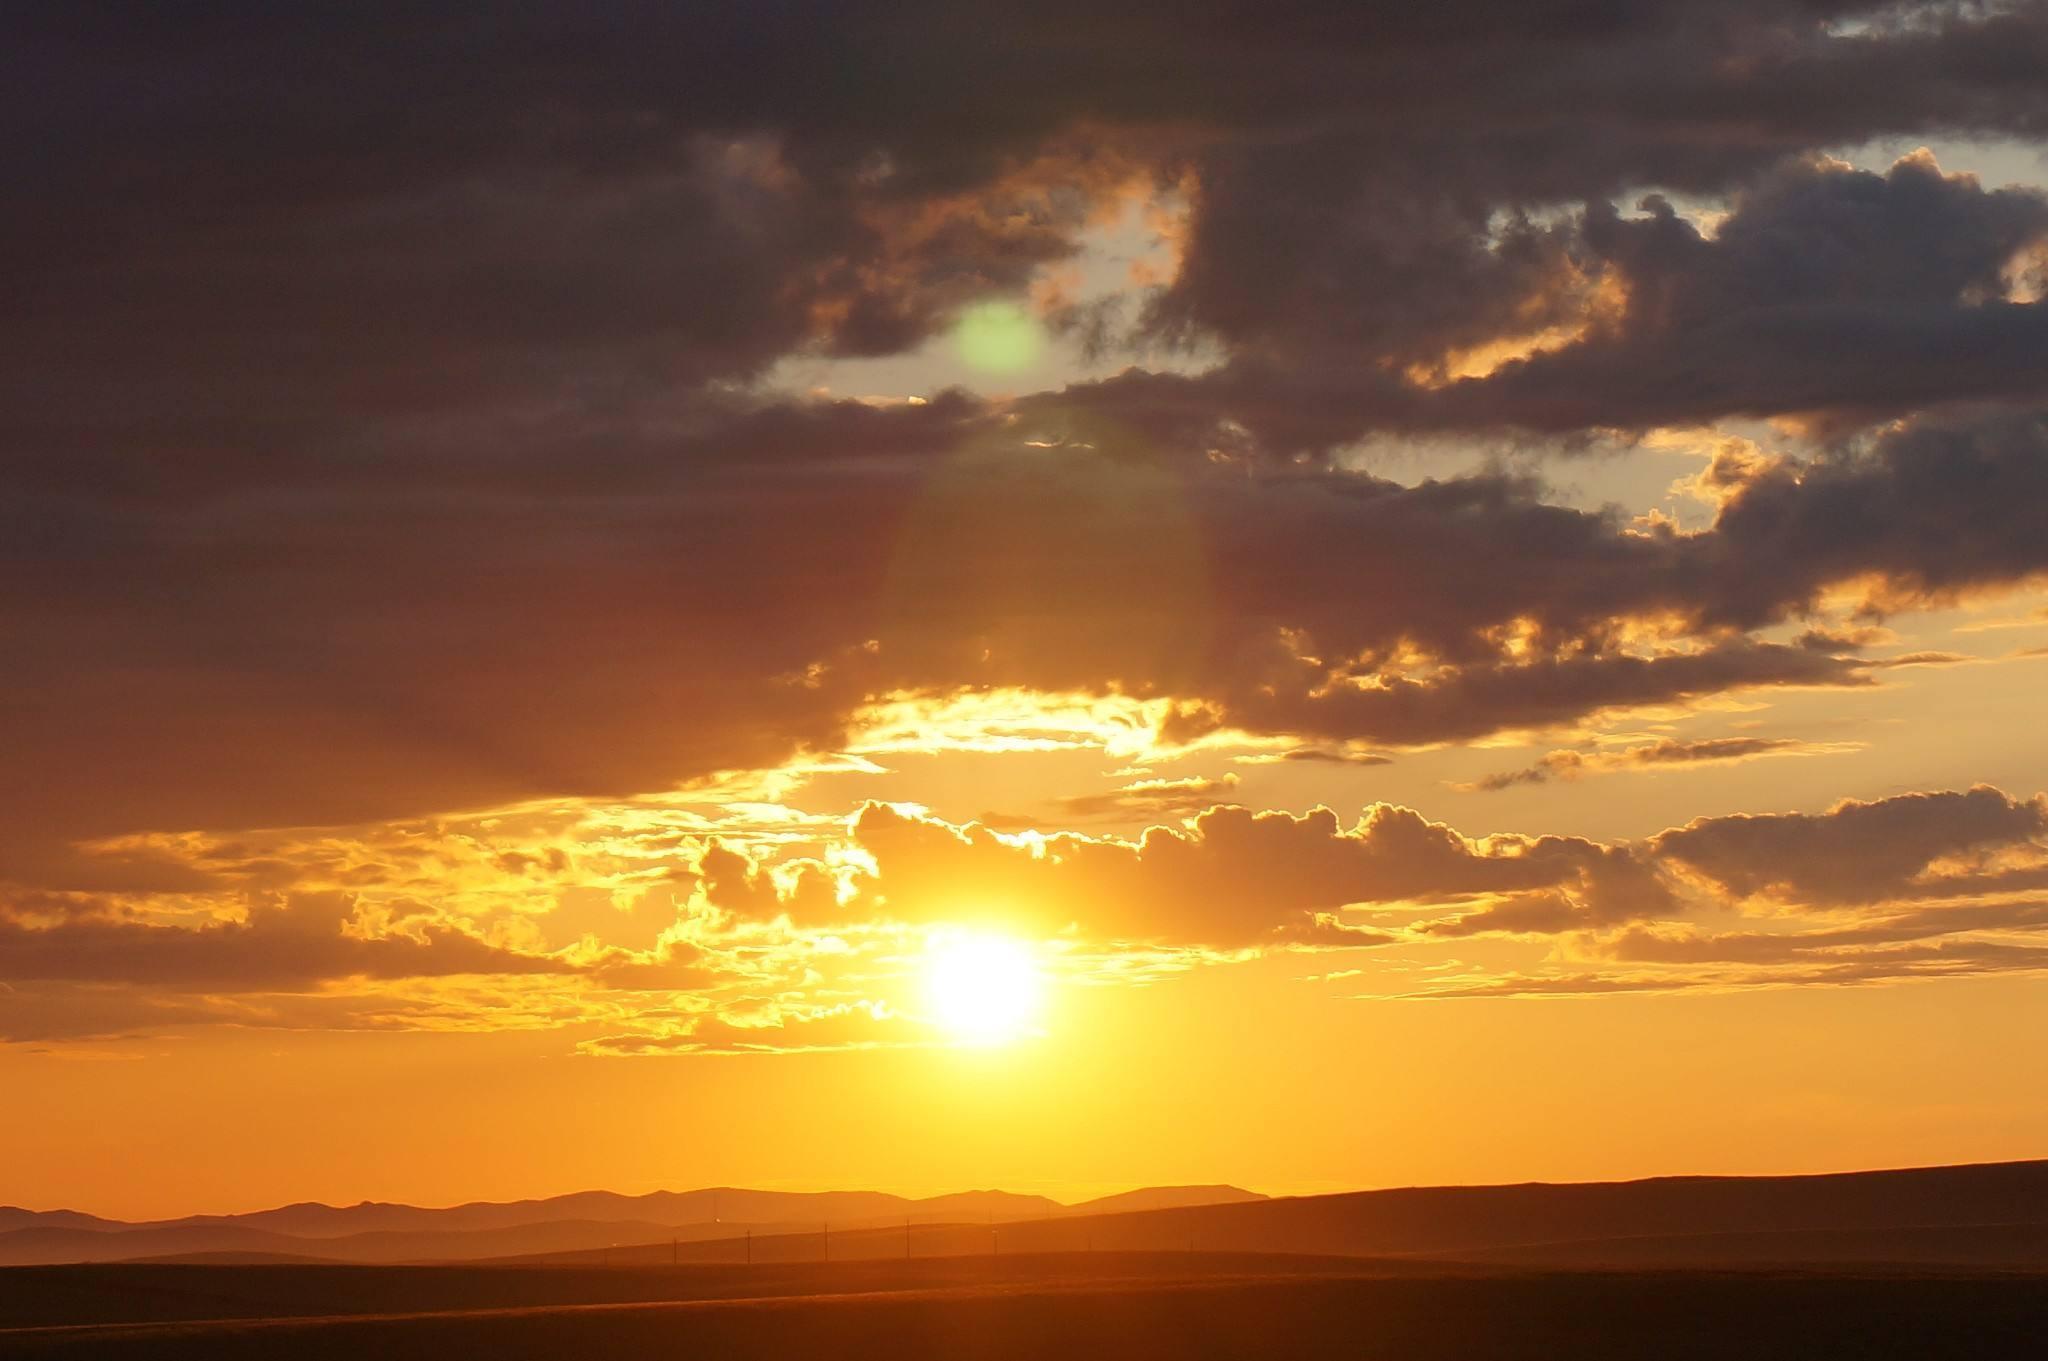 新的一天开始的早安正能量语录:怎么开心就怎么活